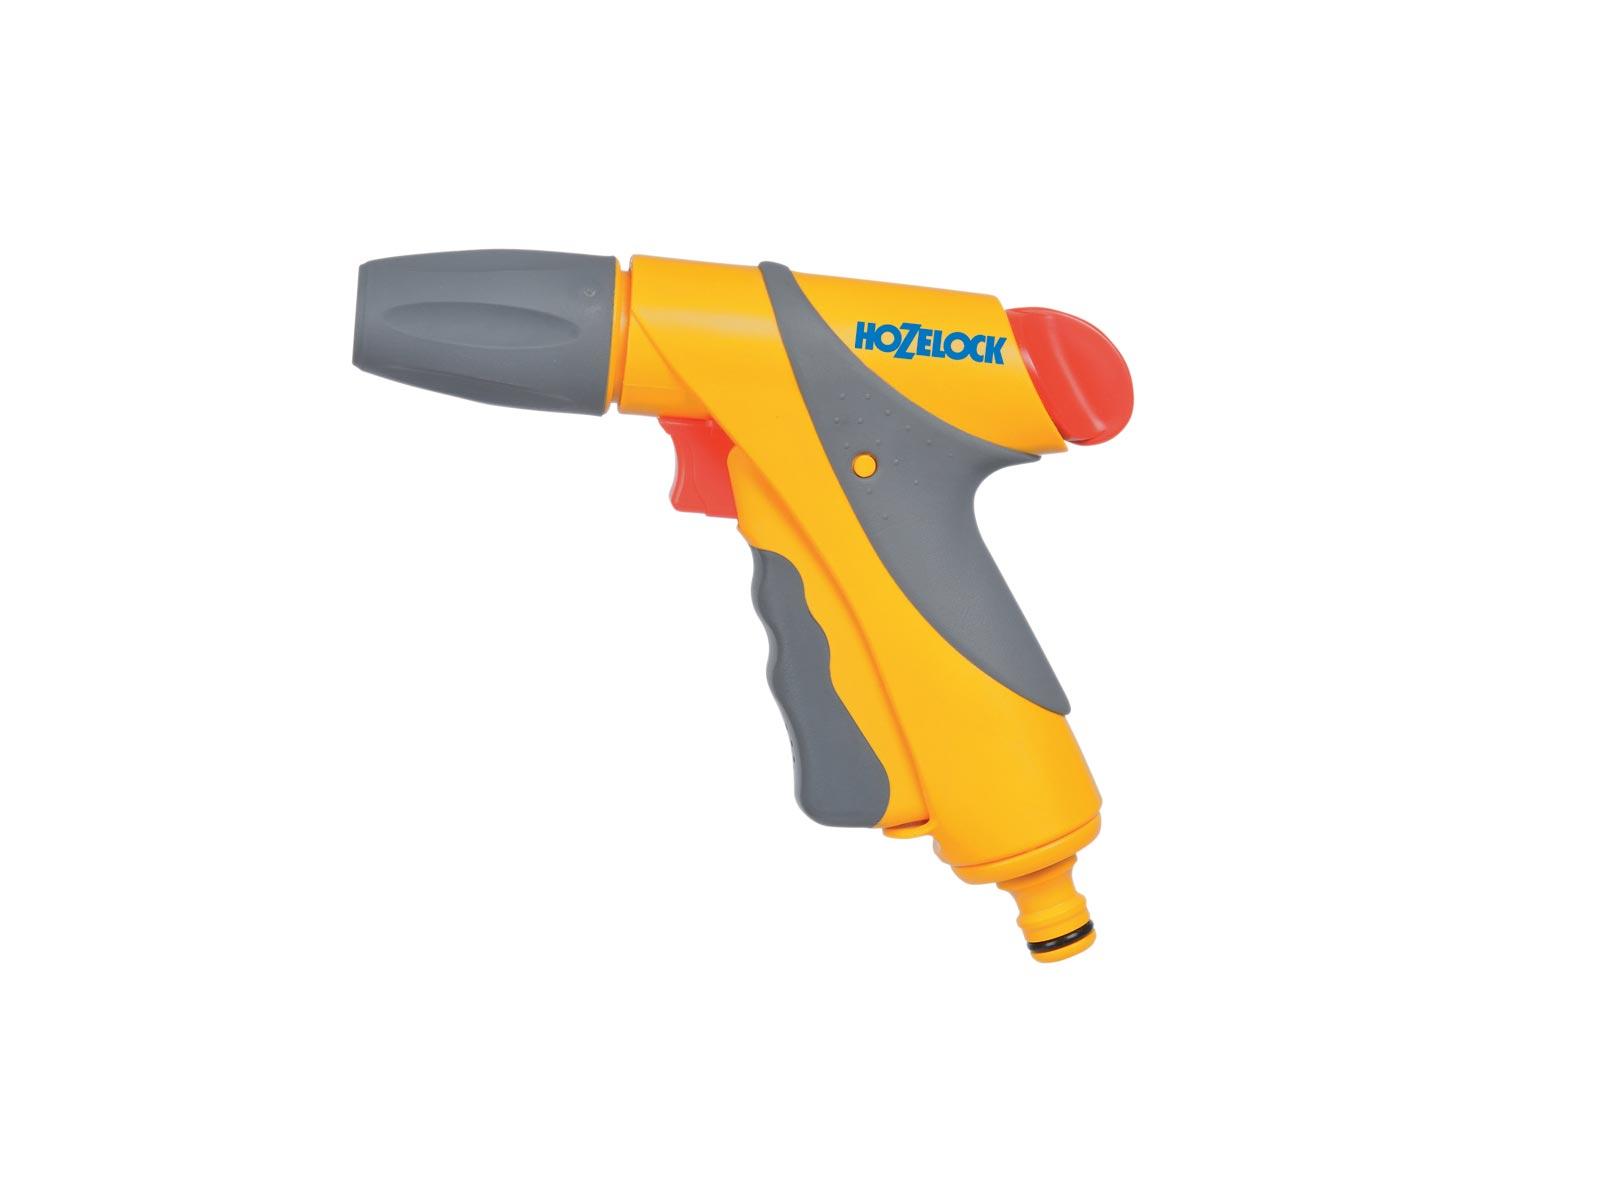 """Пистолет для полива Hozelock """"Jet Spray"""" Plus 2682, 3 режима, желтый, серый, красный"""